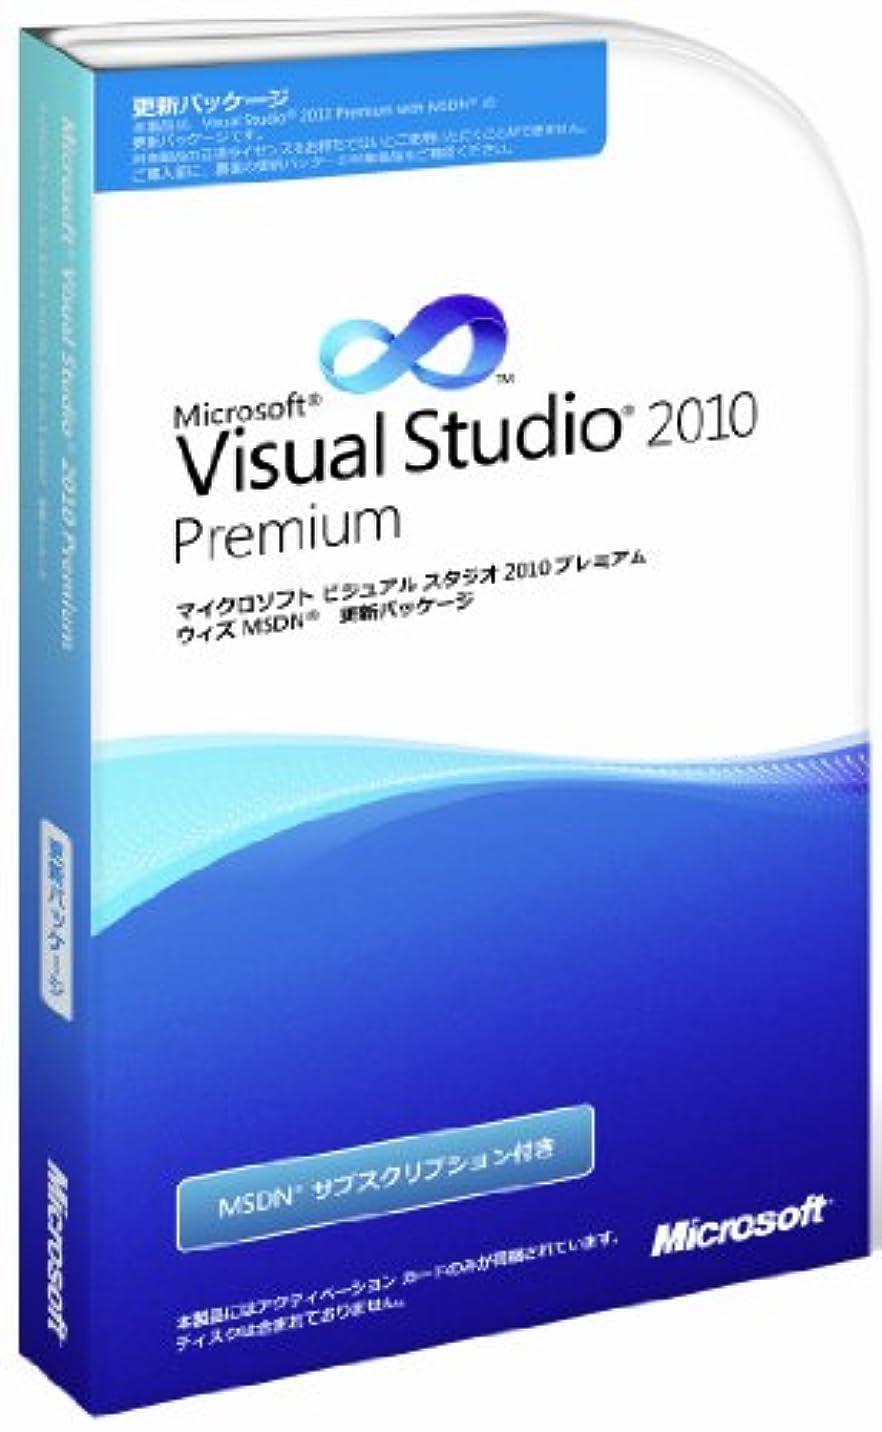 靴摂動衝動Microsoft Visual Studio 2010 Premium with MSDN 更新パッケージ